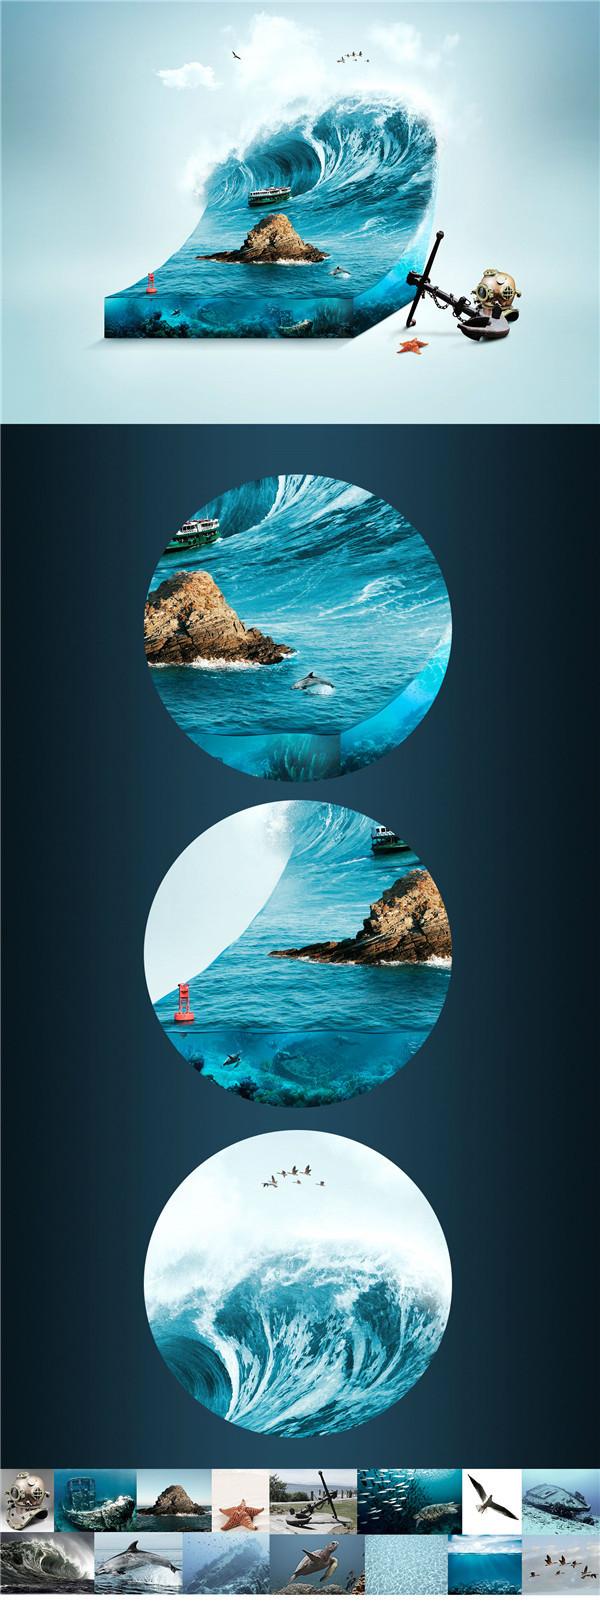 巴西设计师jack usephot数码平面广告设计作品,作者善于利用多元素